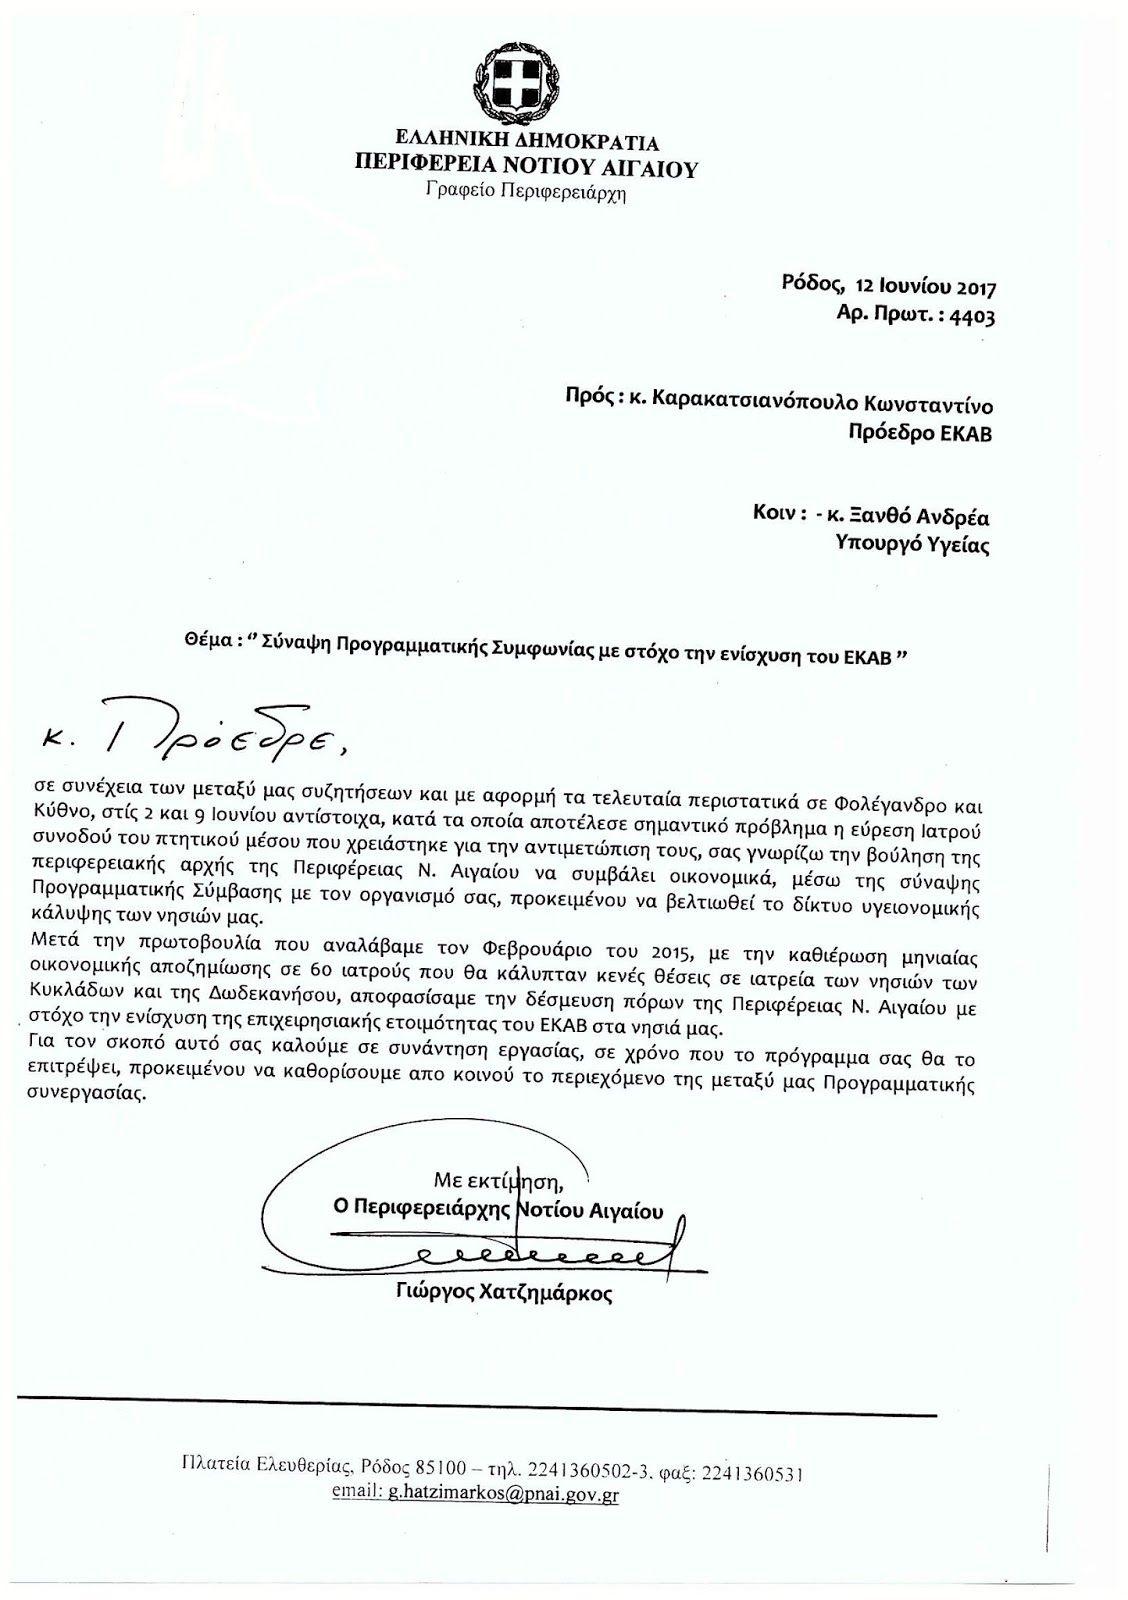 , Η Περιφέρεια Νοτίου Αιγαίου αποφάσισε να συνδράμει οικονομικά την επιχειρησιακή λειτουργία του ΕΚΑΒ σε Κυκλάδες και Δωδεκάνησα